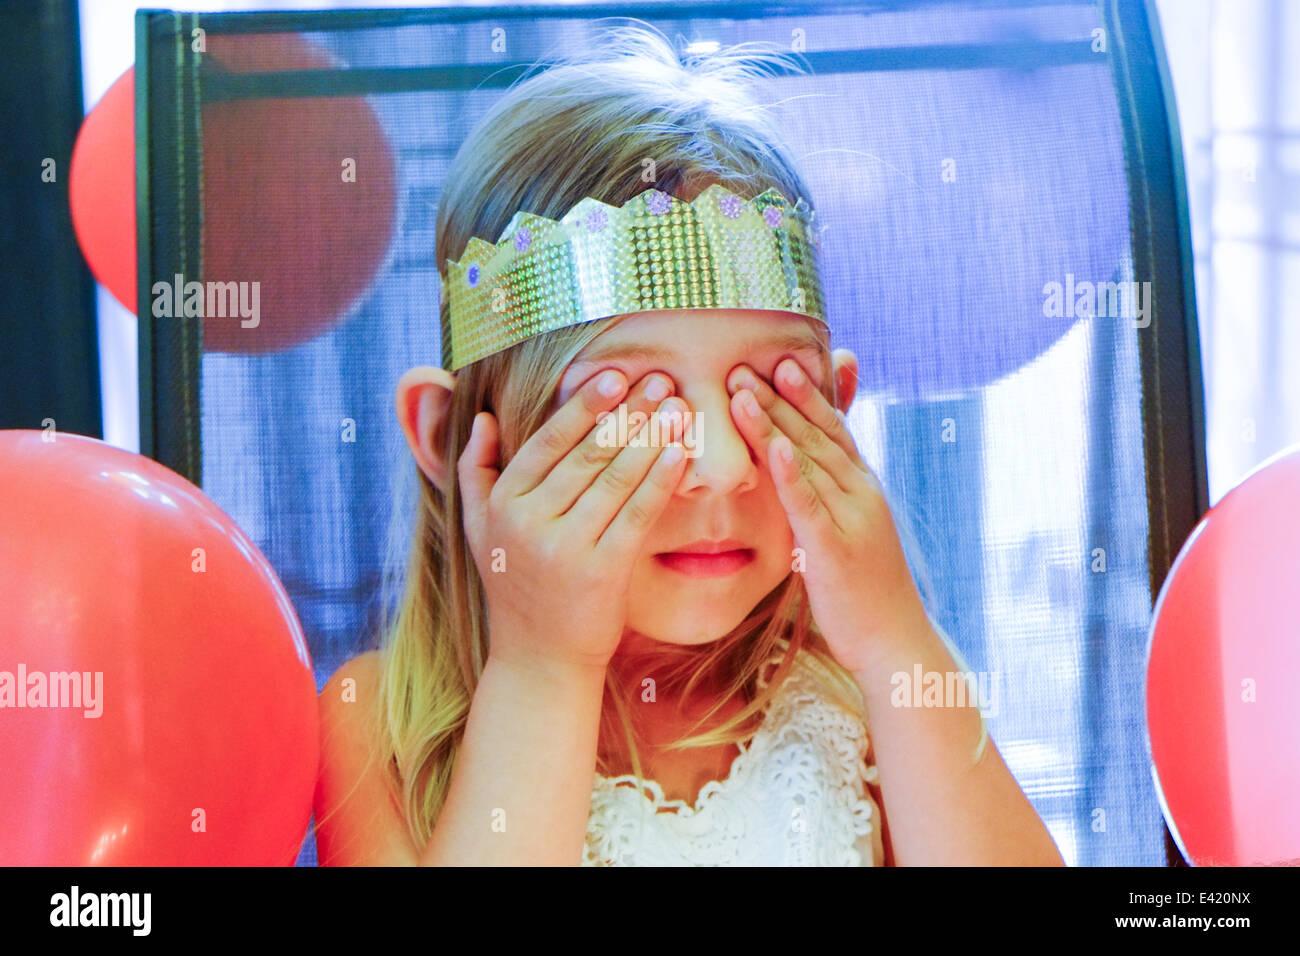 La ragazza con gli occhi chiusi rendendo desiderio di compleanno Immagini Stock